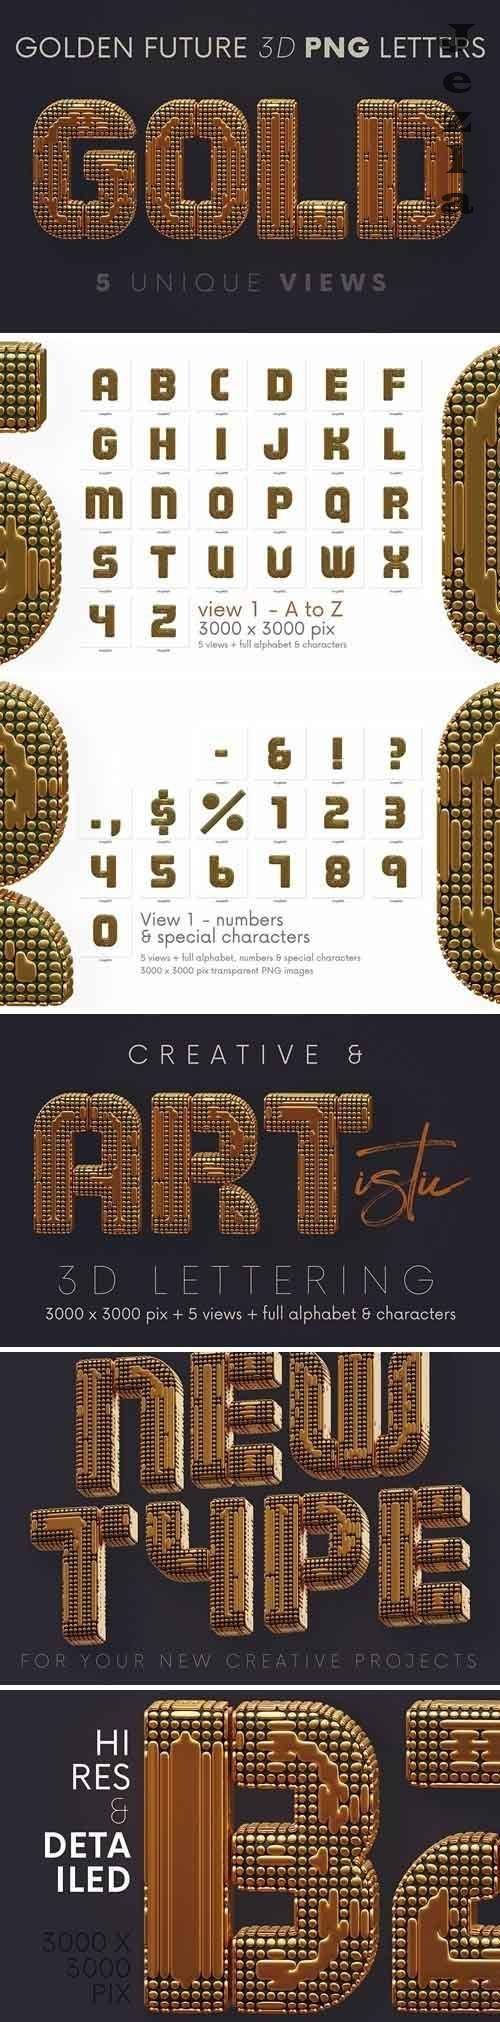 Golden Future - 3D Lettering - 5780618